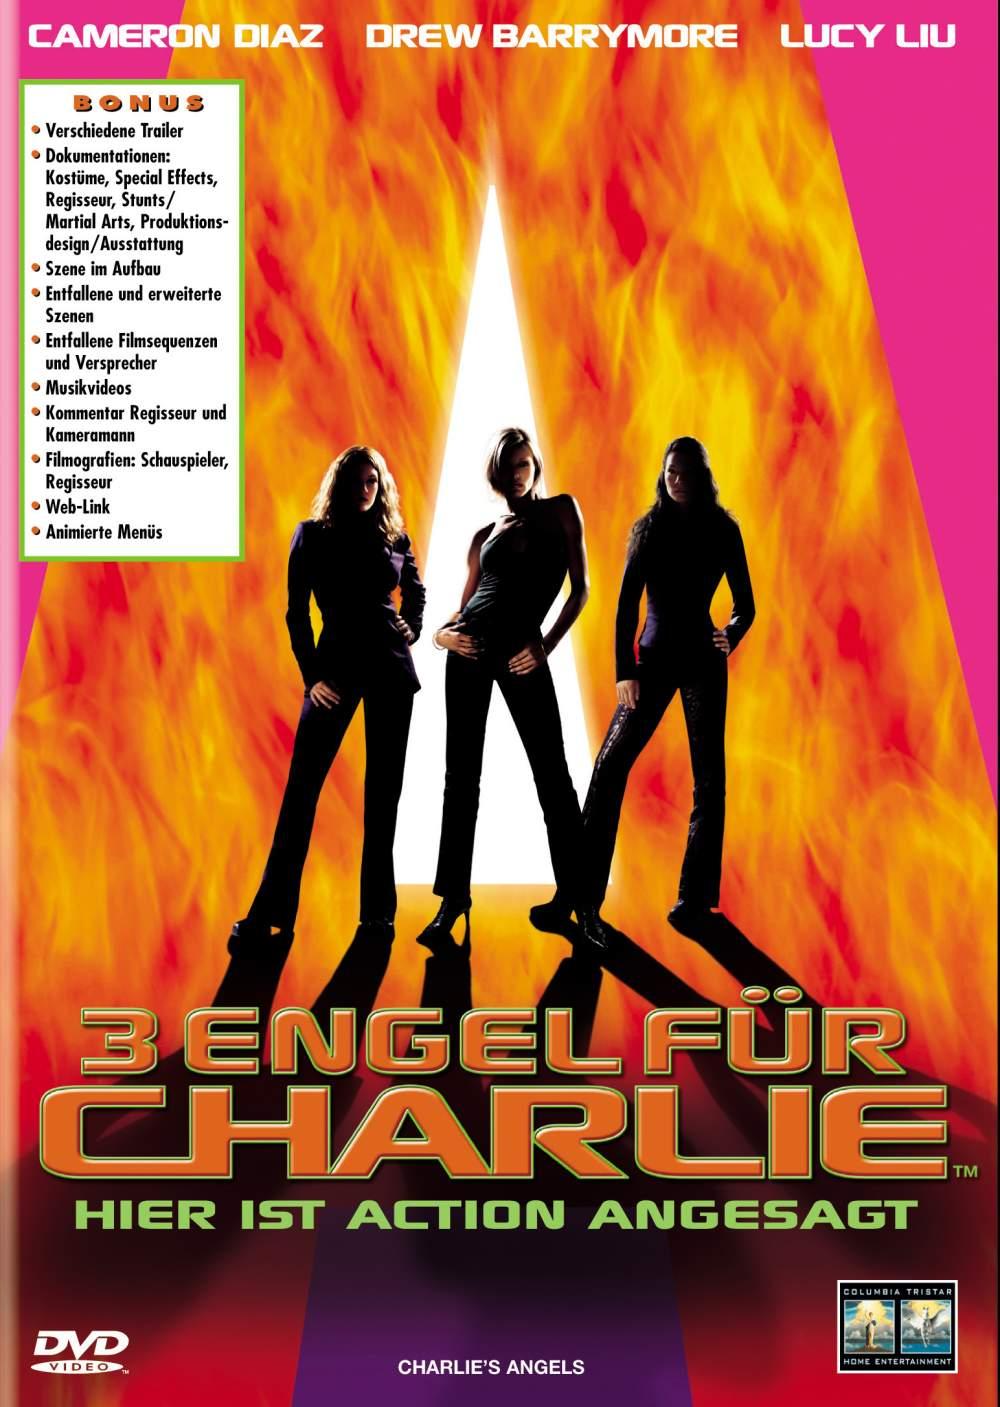 3 engel fur charlie fratzi scena - 4 6